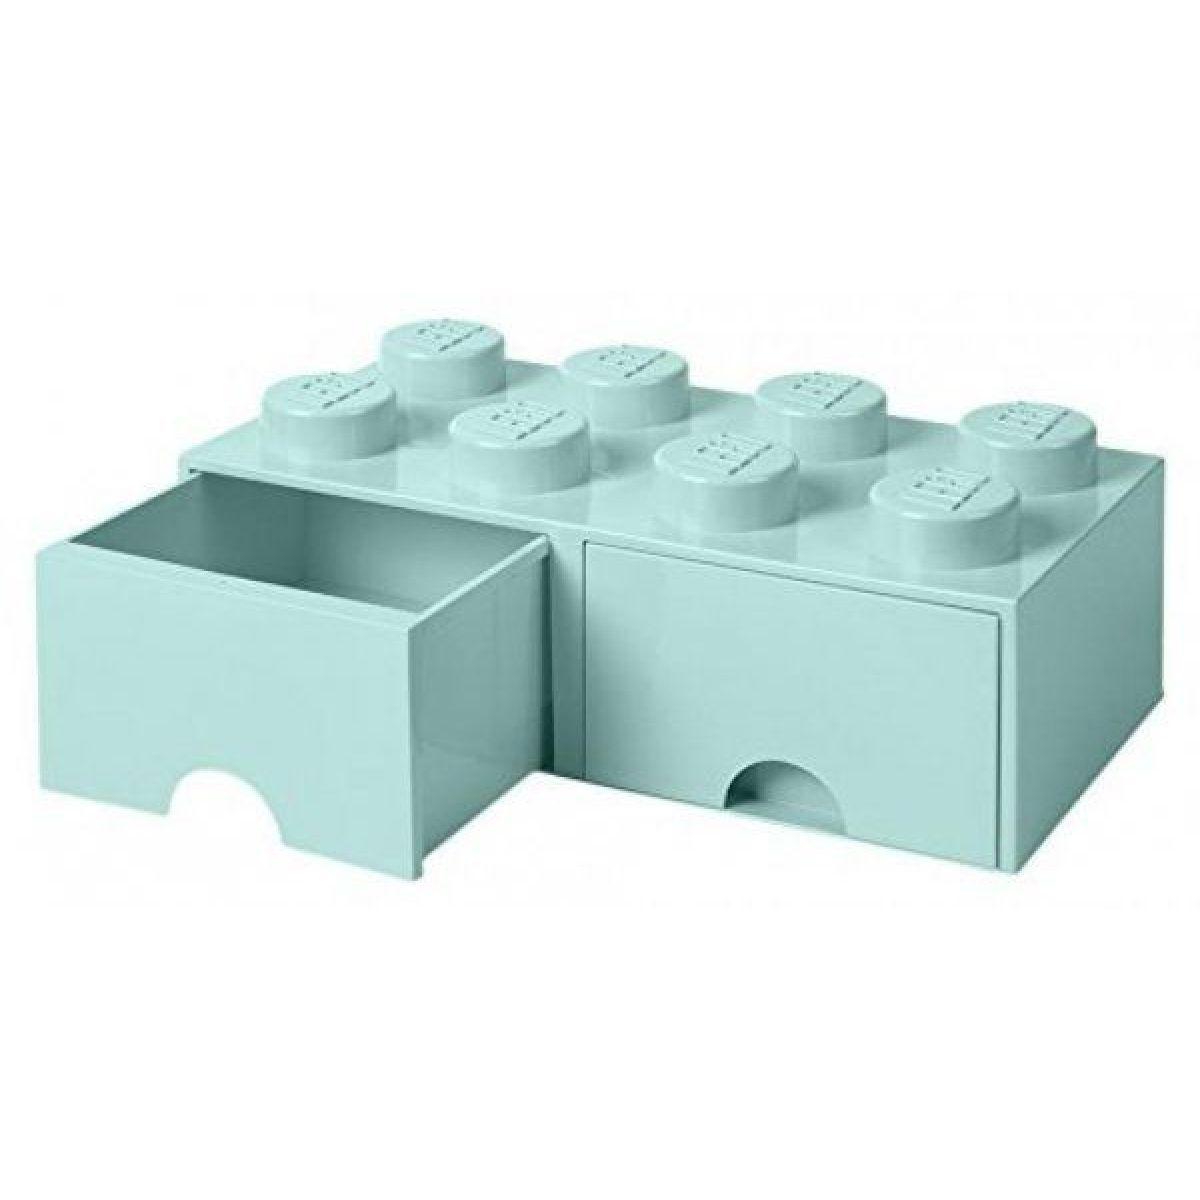 LEGO úložný box 8 so šuplíkmi aqua